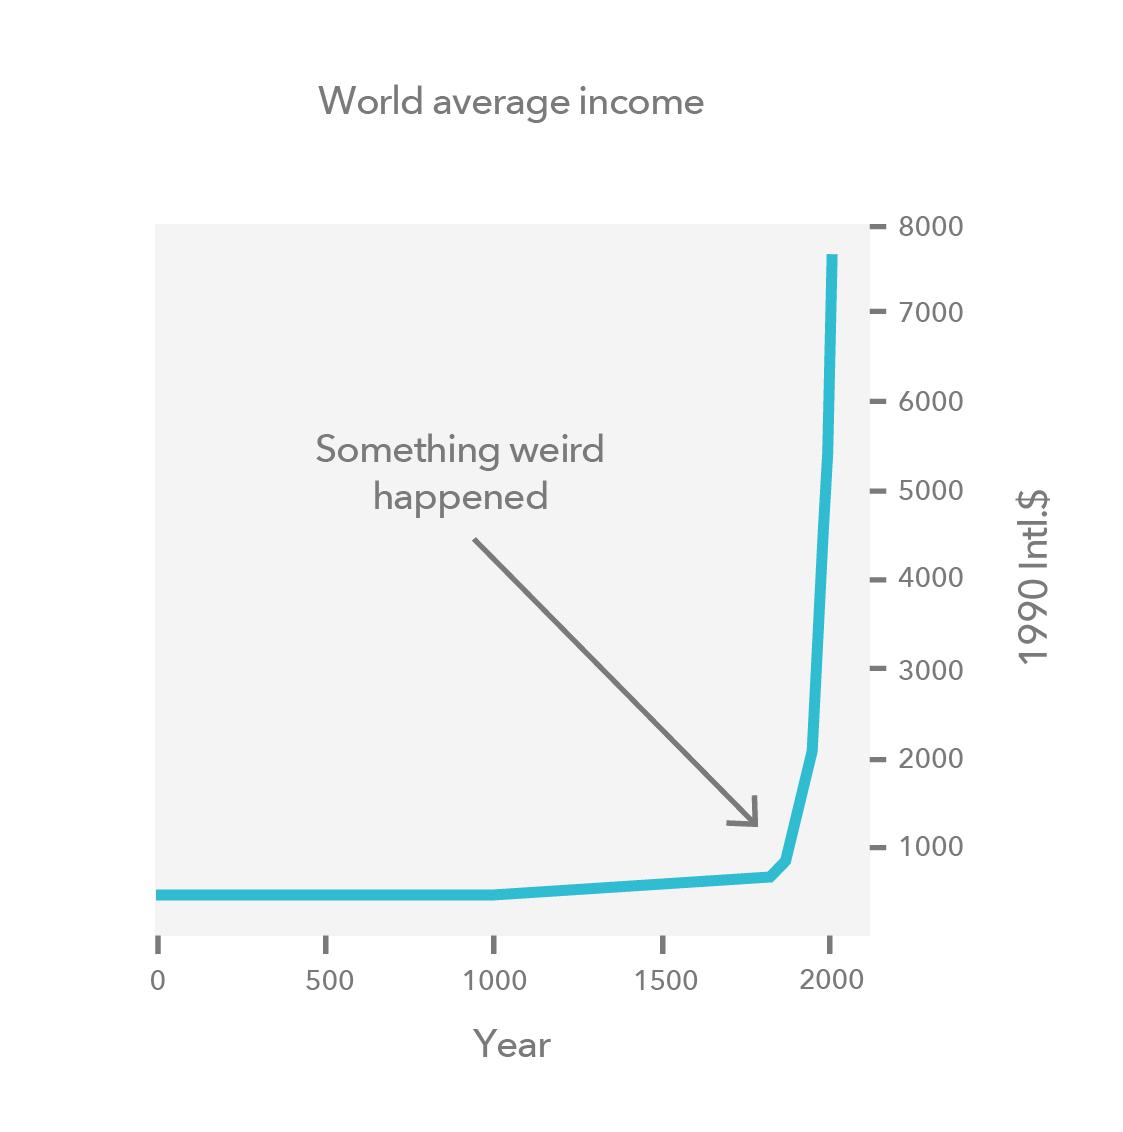 World average income